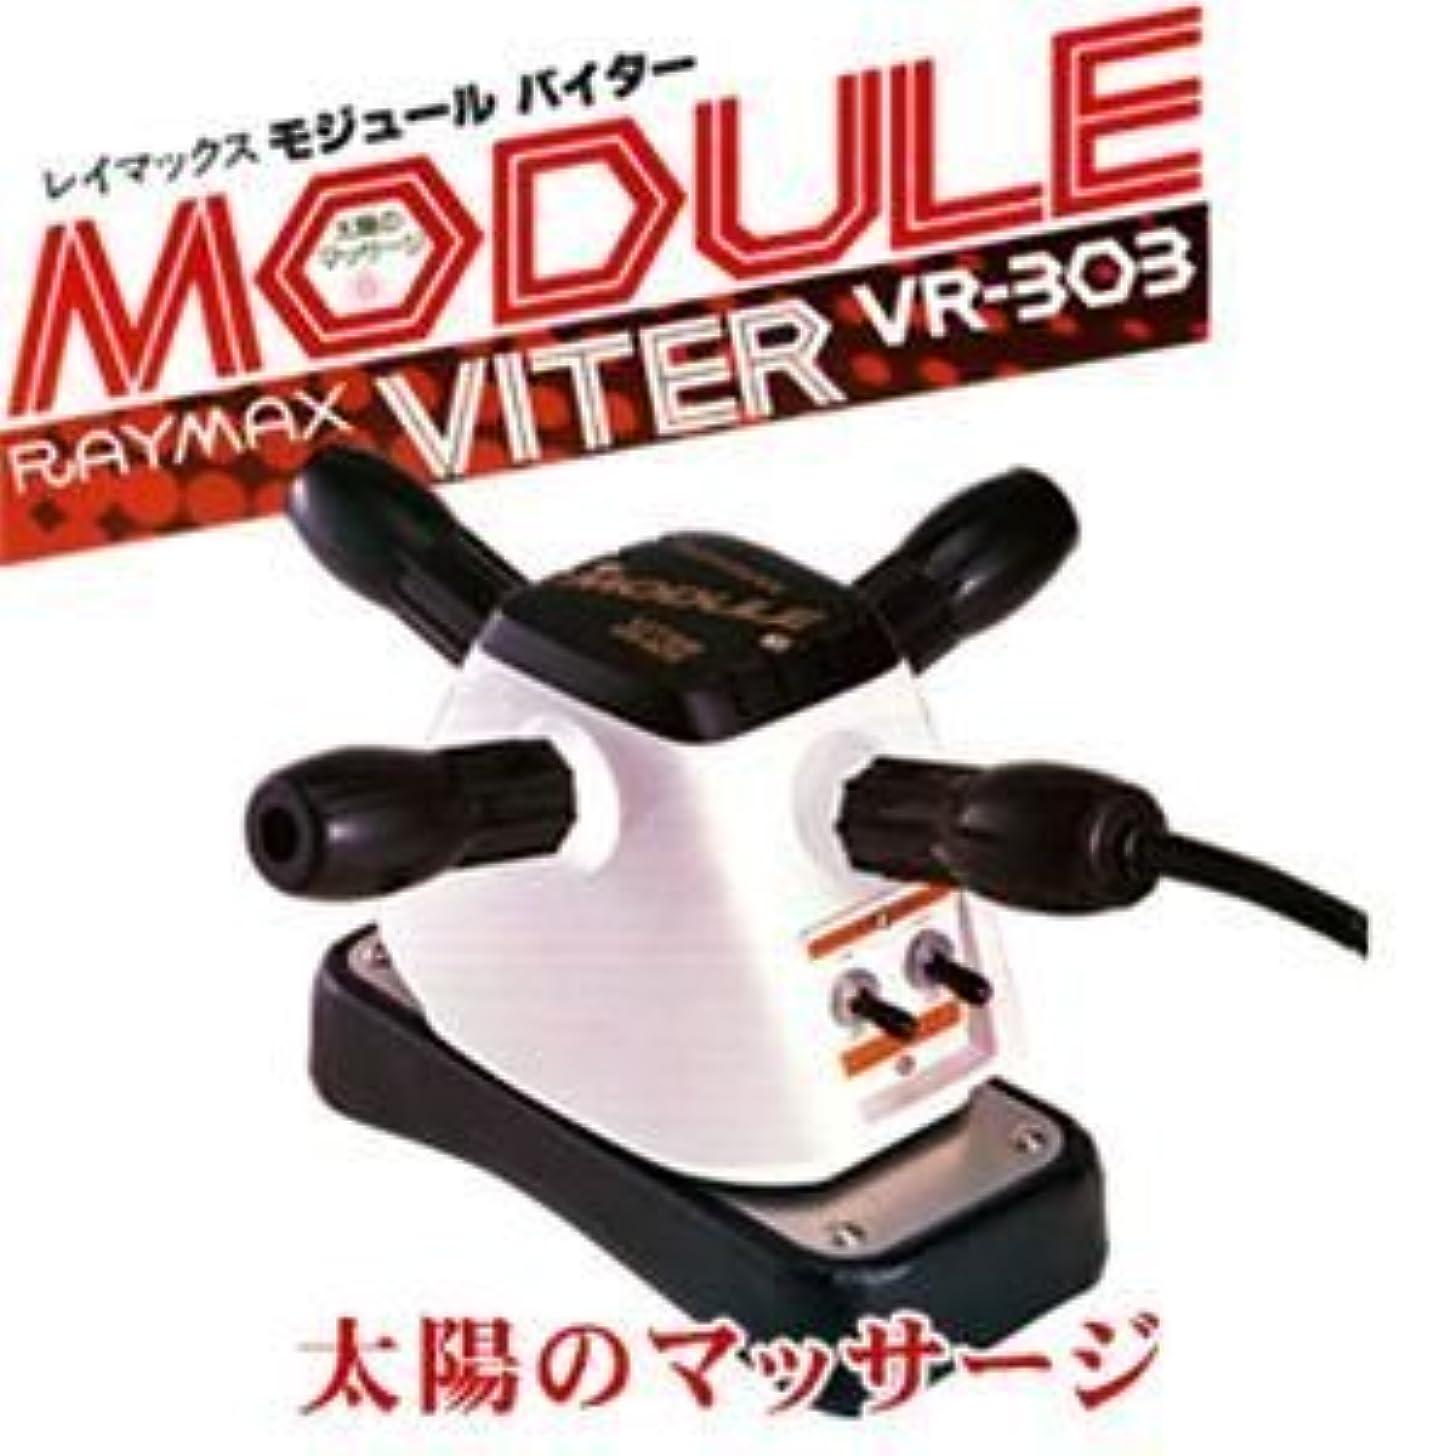 切る担当者かりてRAYMAX(レイマックス) モジュールバイター VR-303